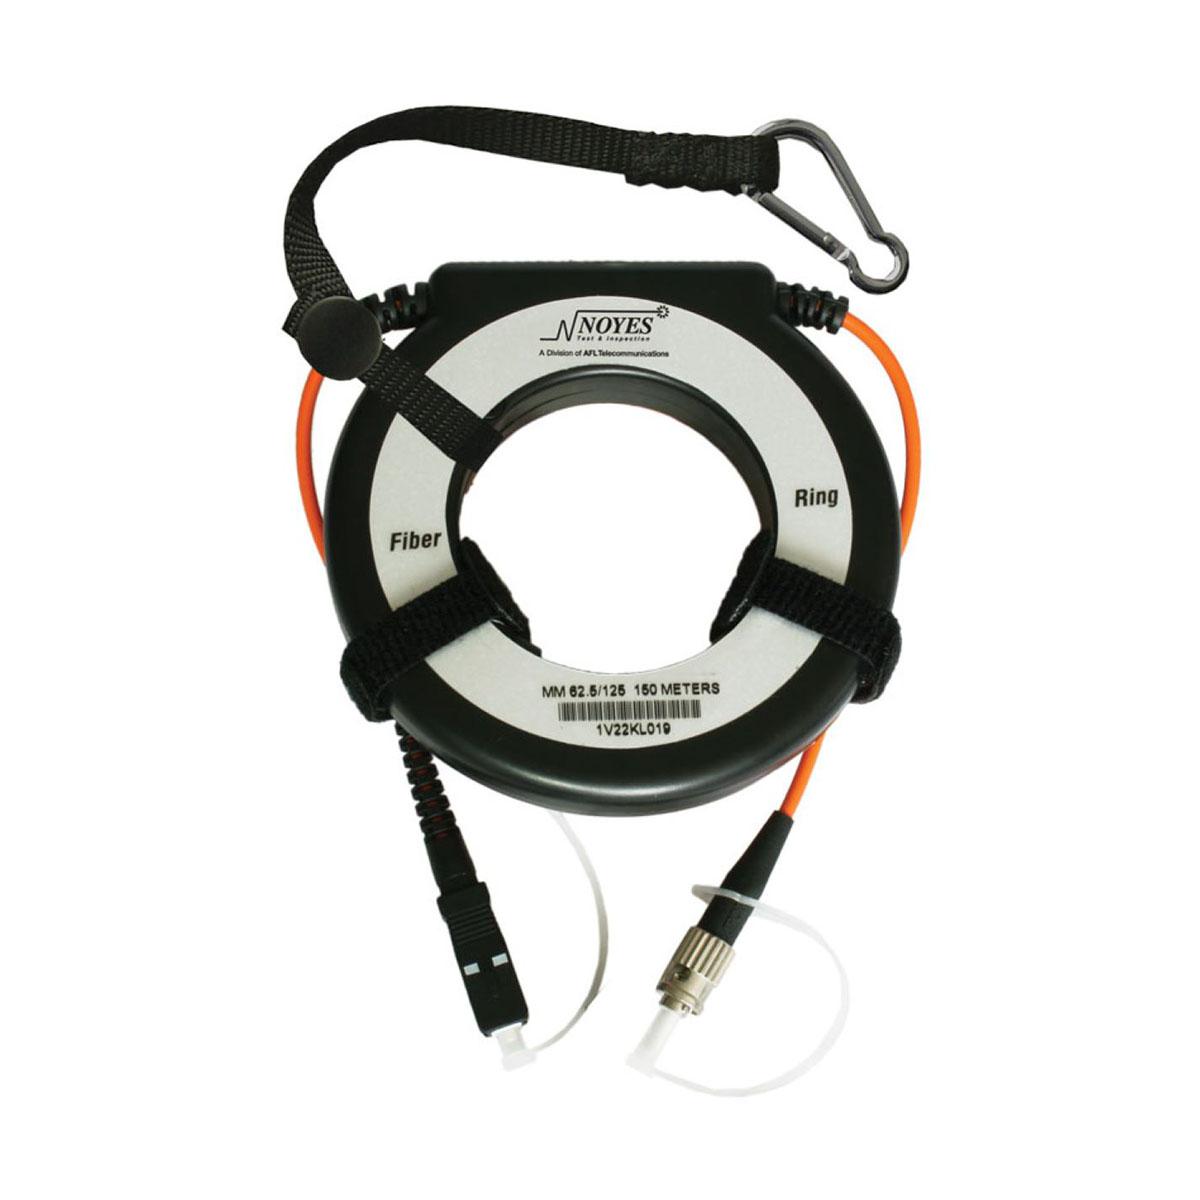 Bobina de fibra óptica MM AFL para OTDR FR1-OM3-150-x1-x2